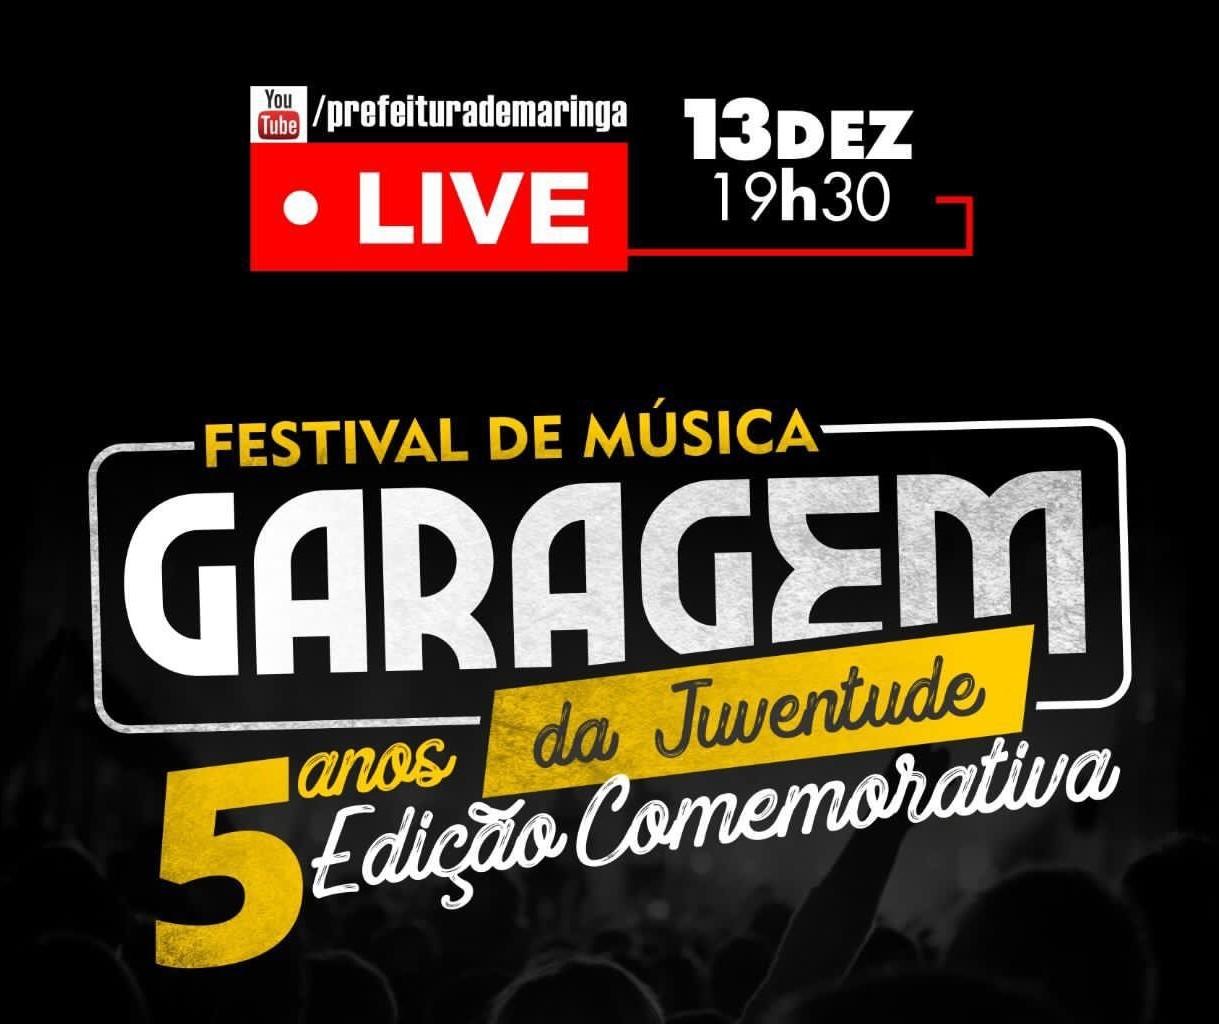 Festival Garagem da Juventude ocorre domingo (13) em formato diferente